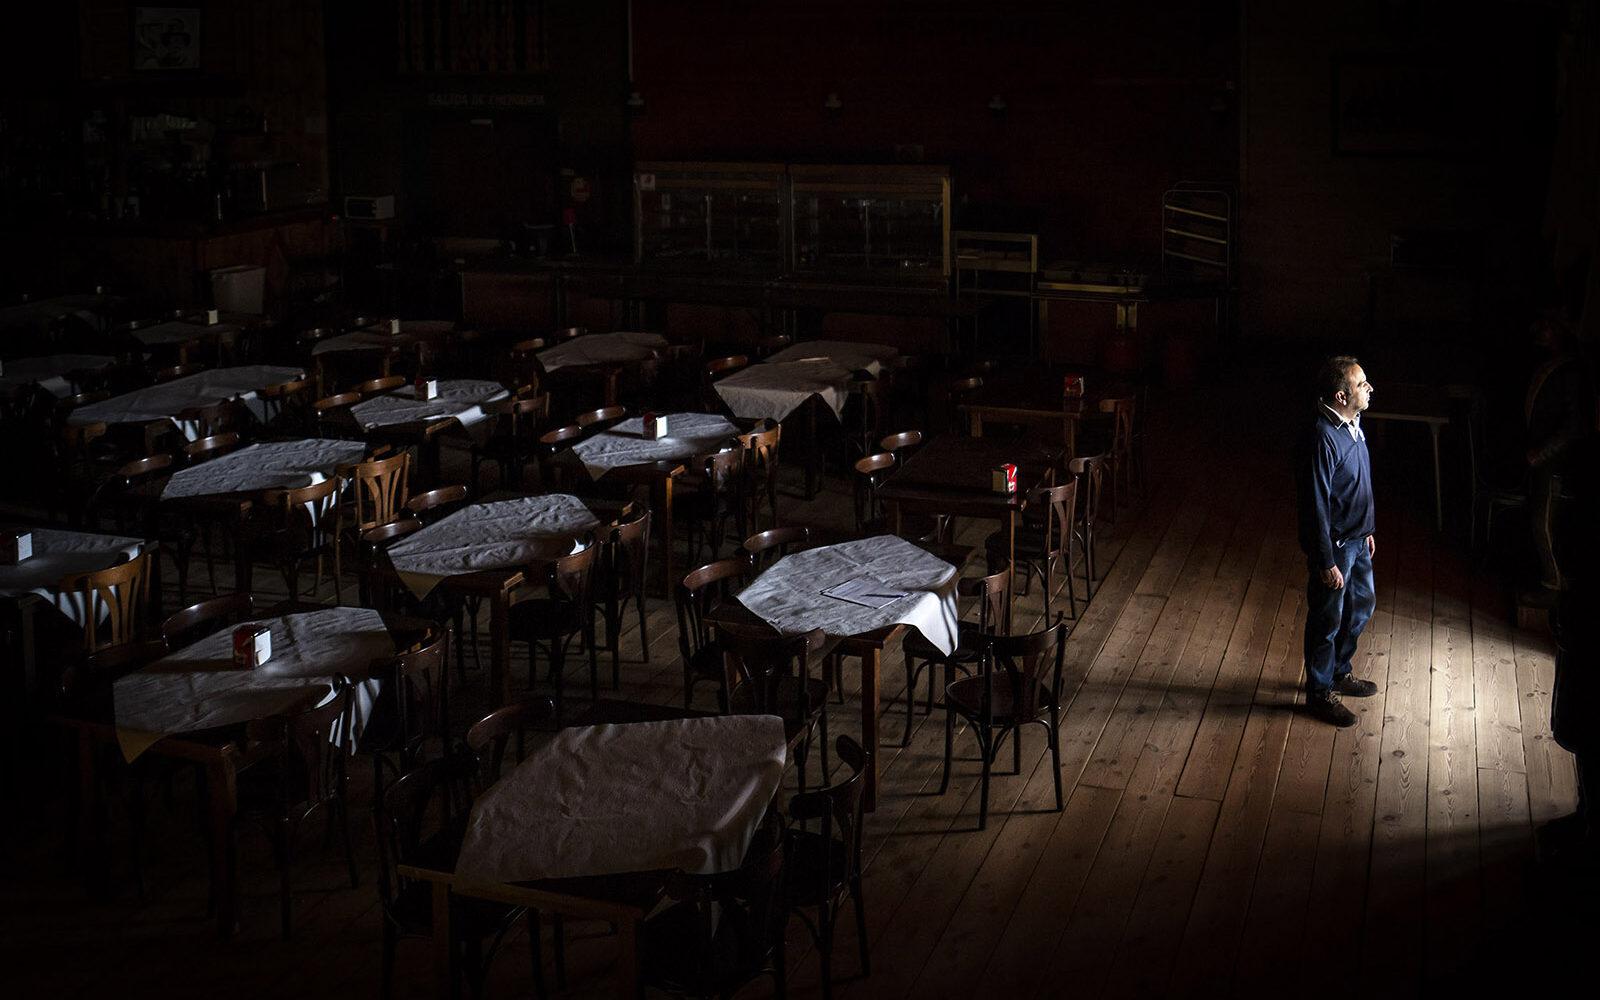 Fotoprojekter er en gribende indsigt i spaniernes liv under coronanedlukningen. Foto: Susana Giron